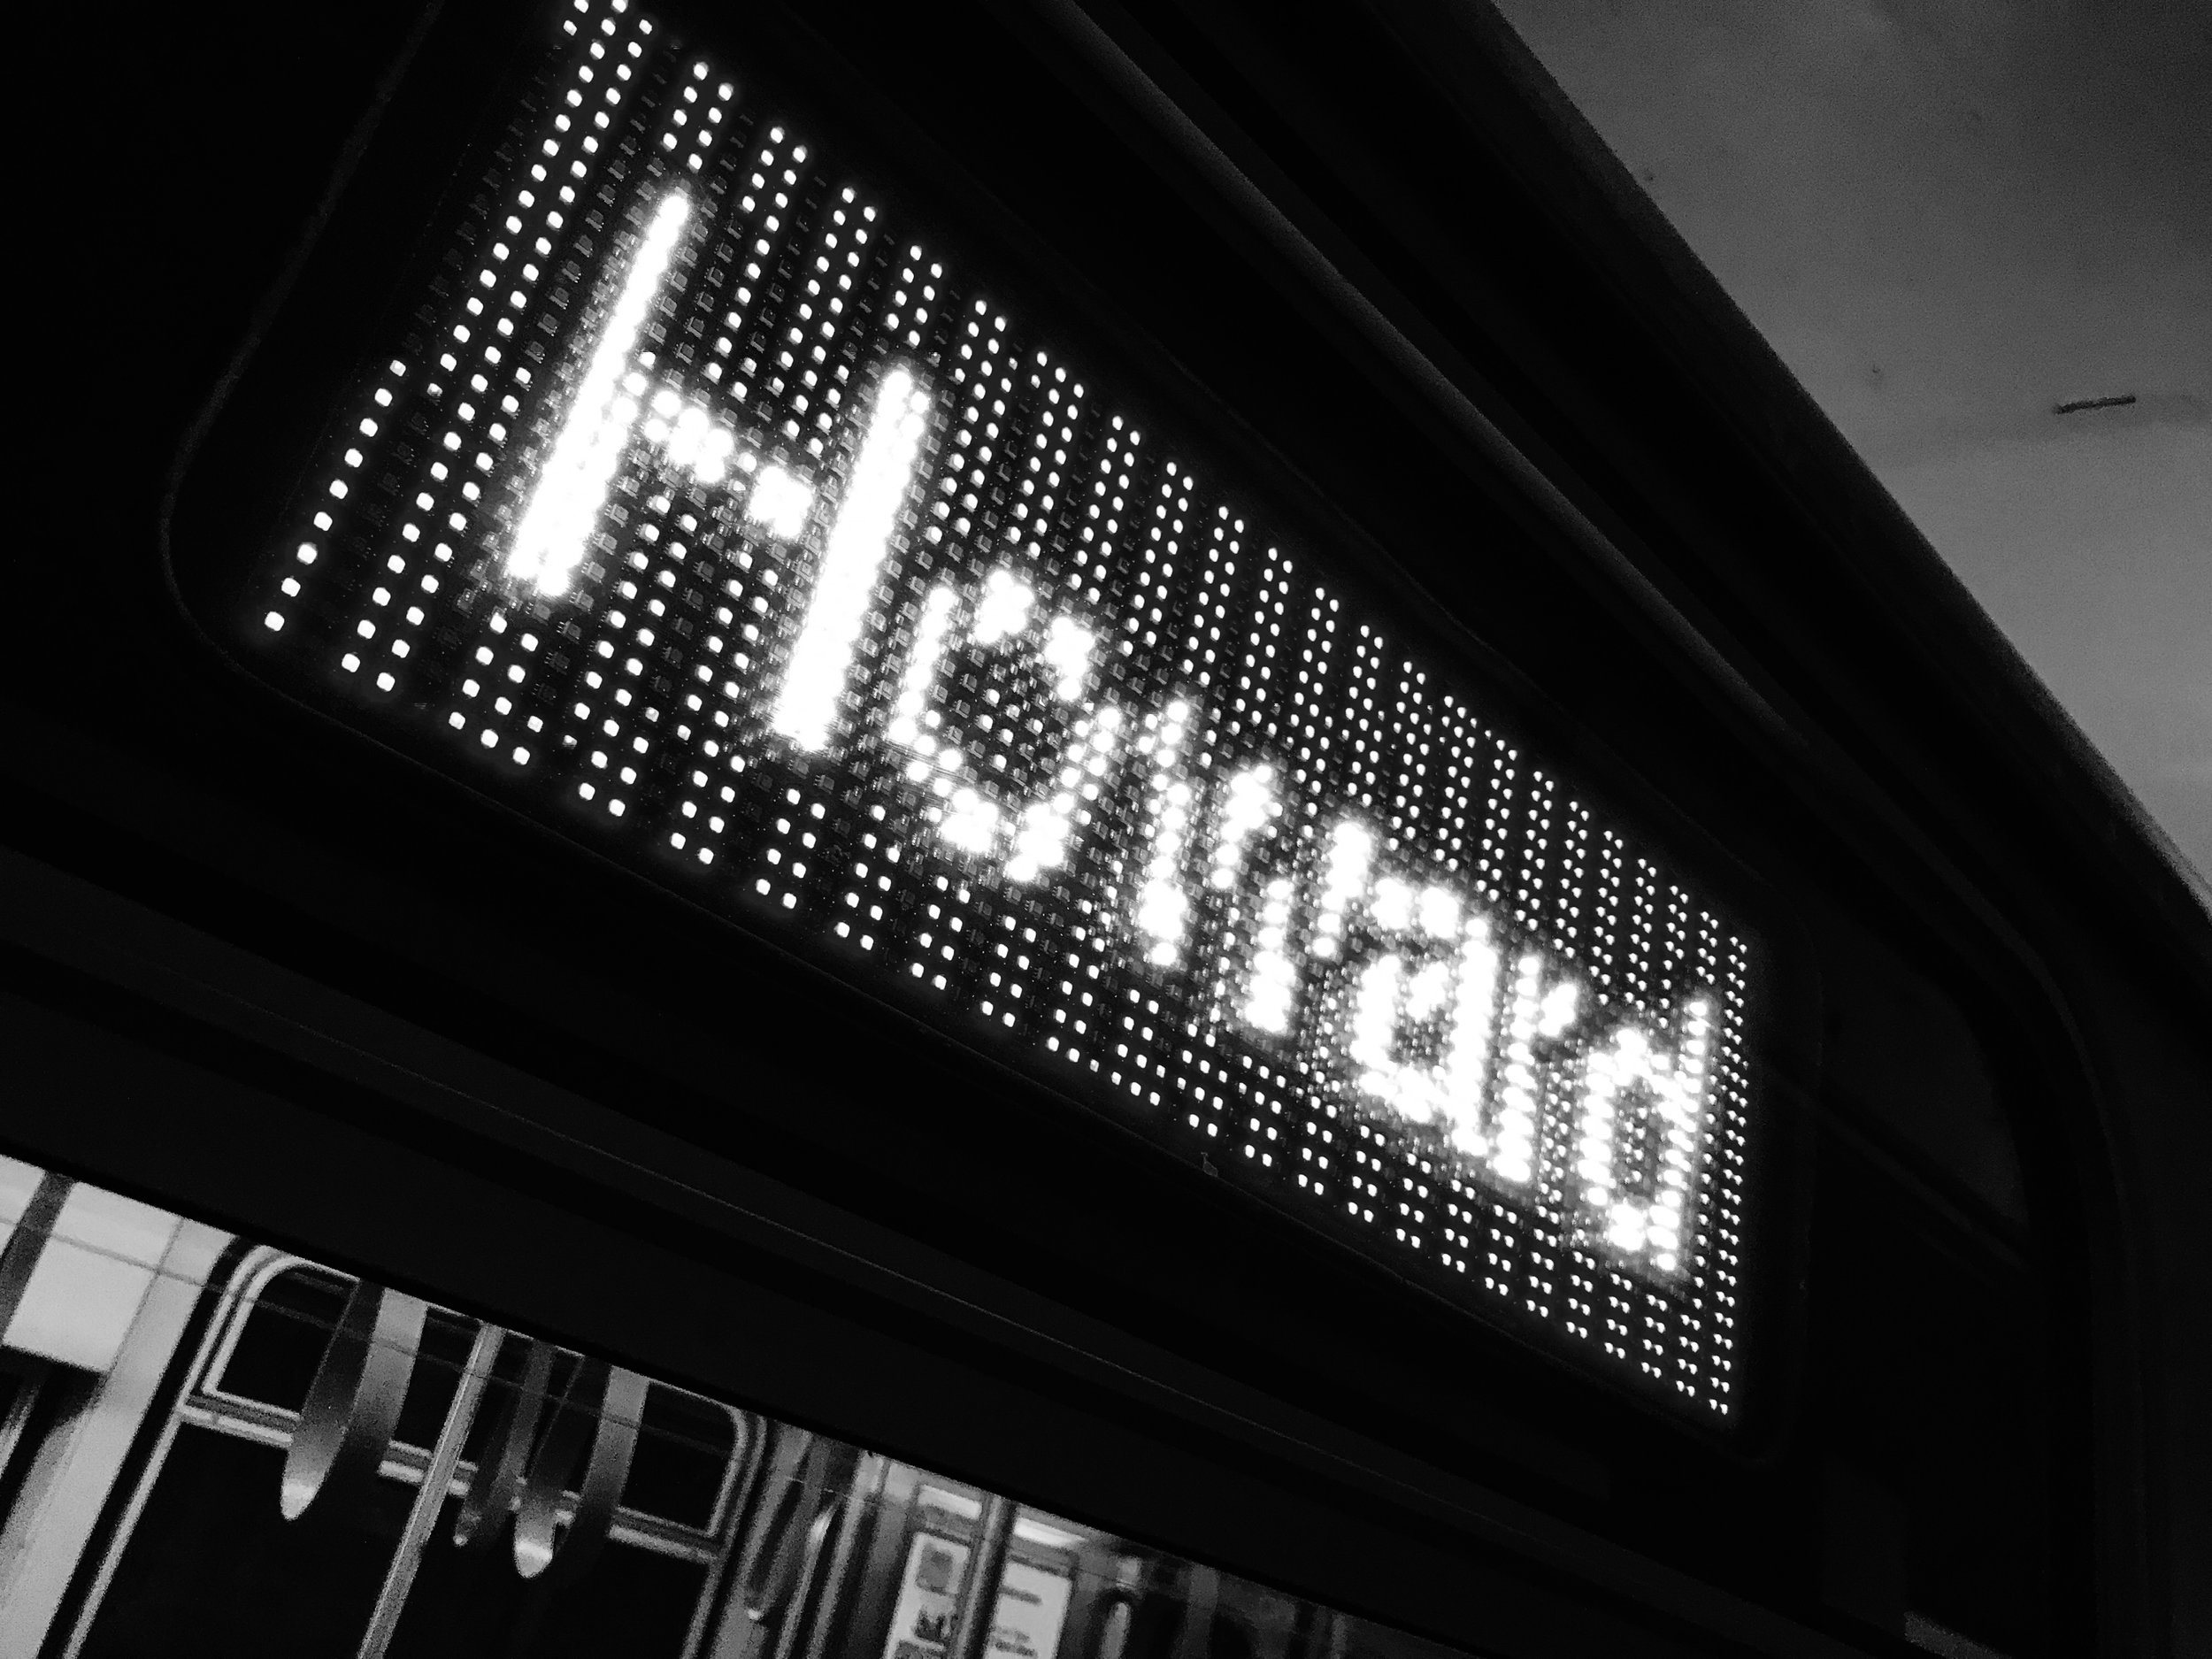 Howard 2, Chicago, 7/31/2017